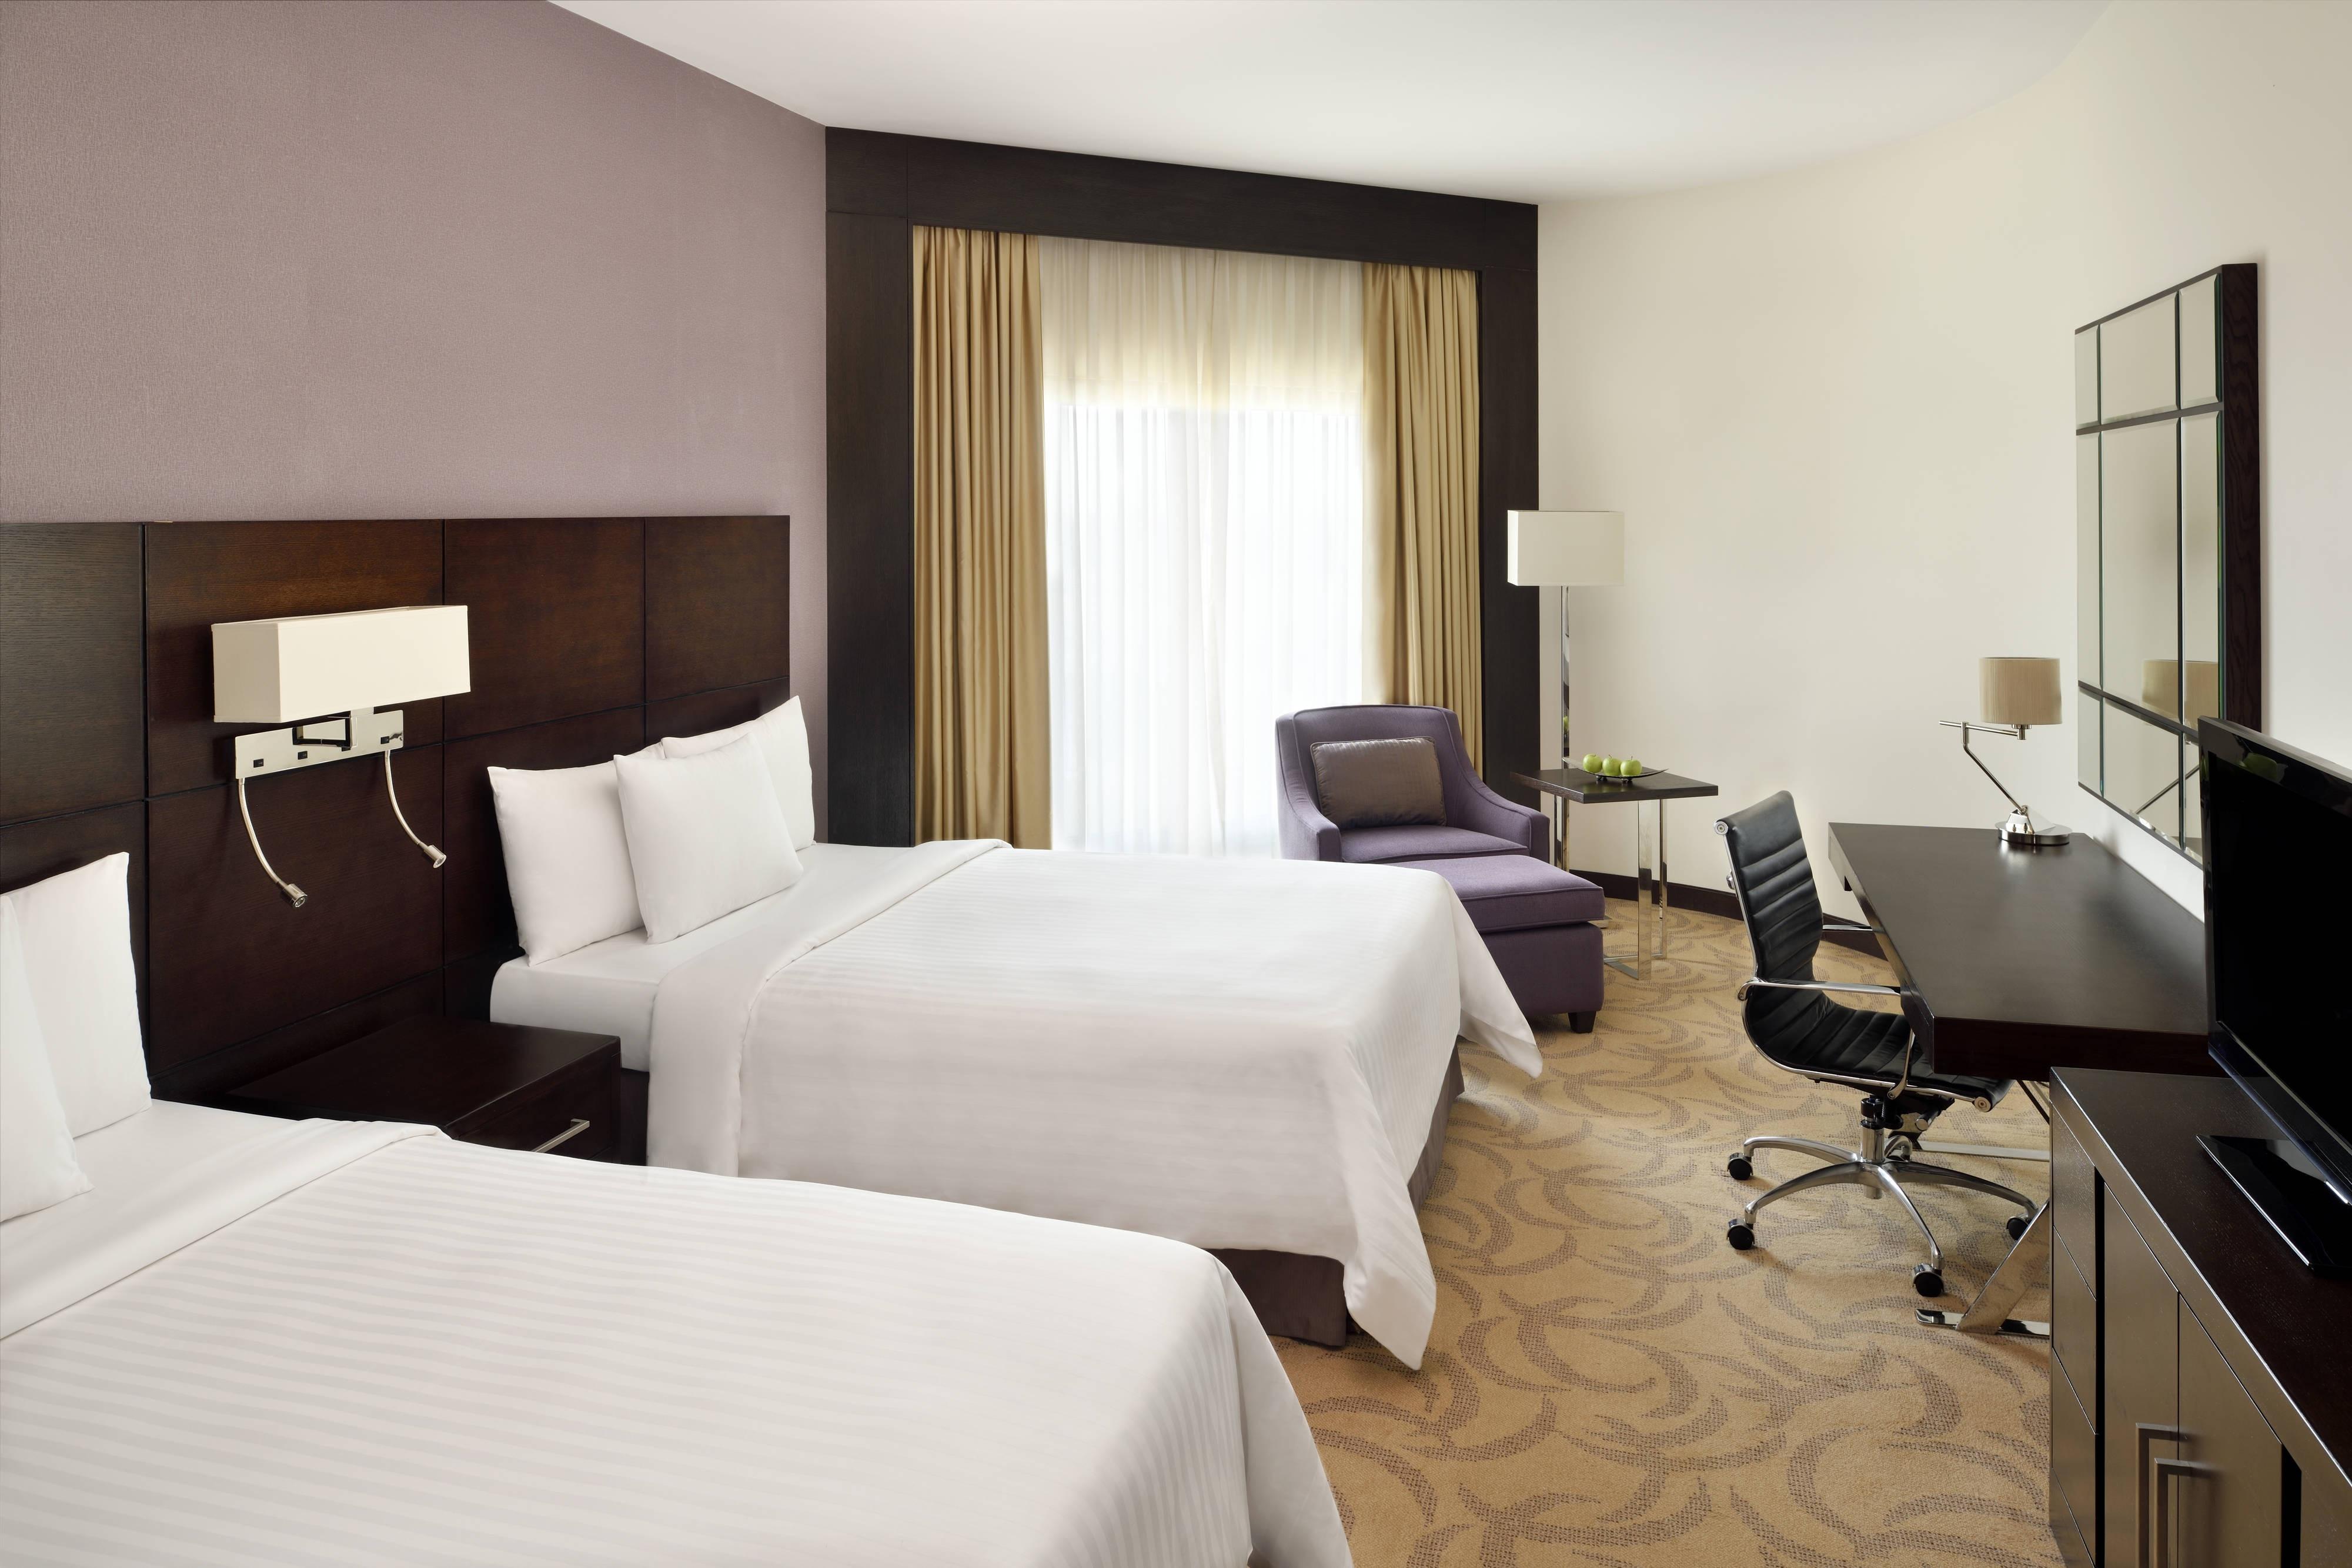 Double/Double Guest Room - Bedroom